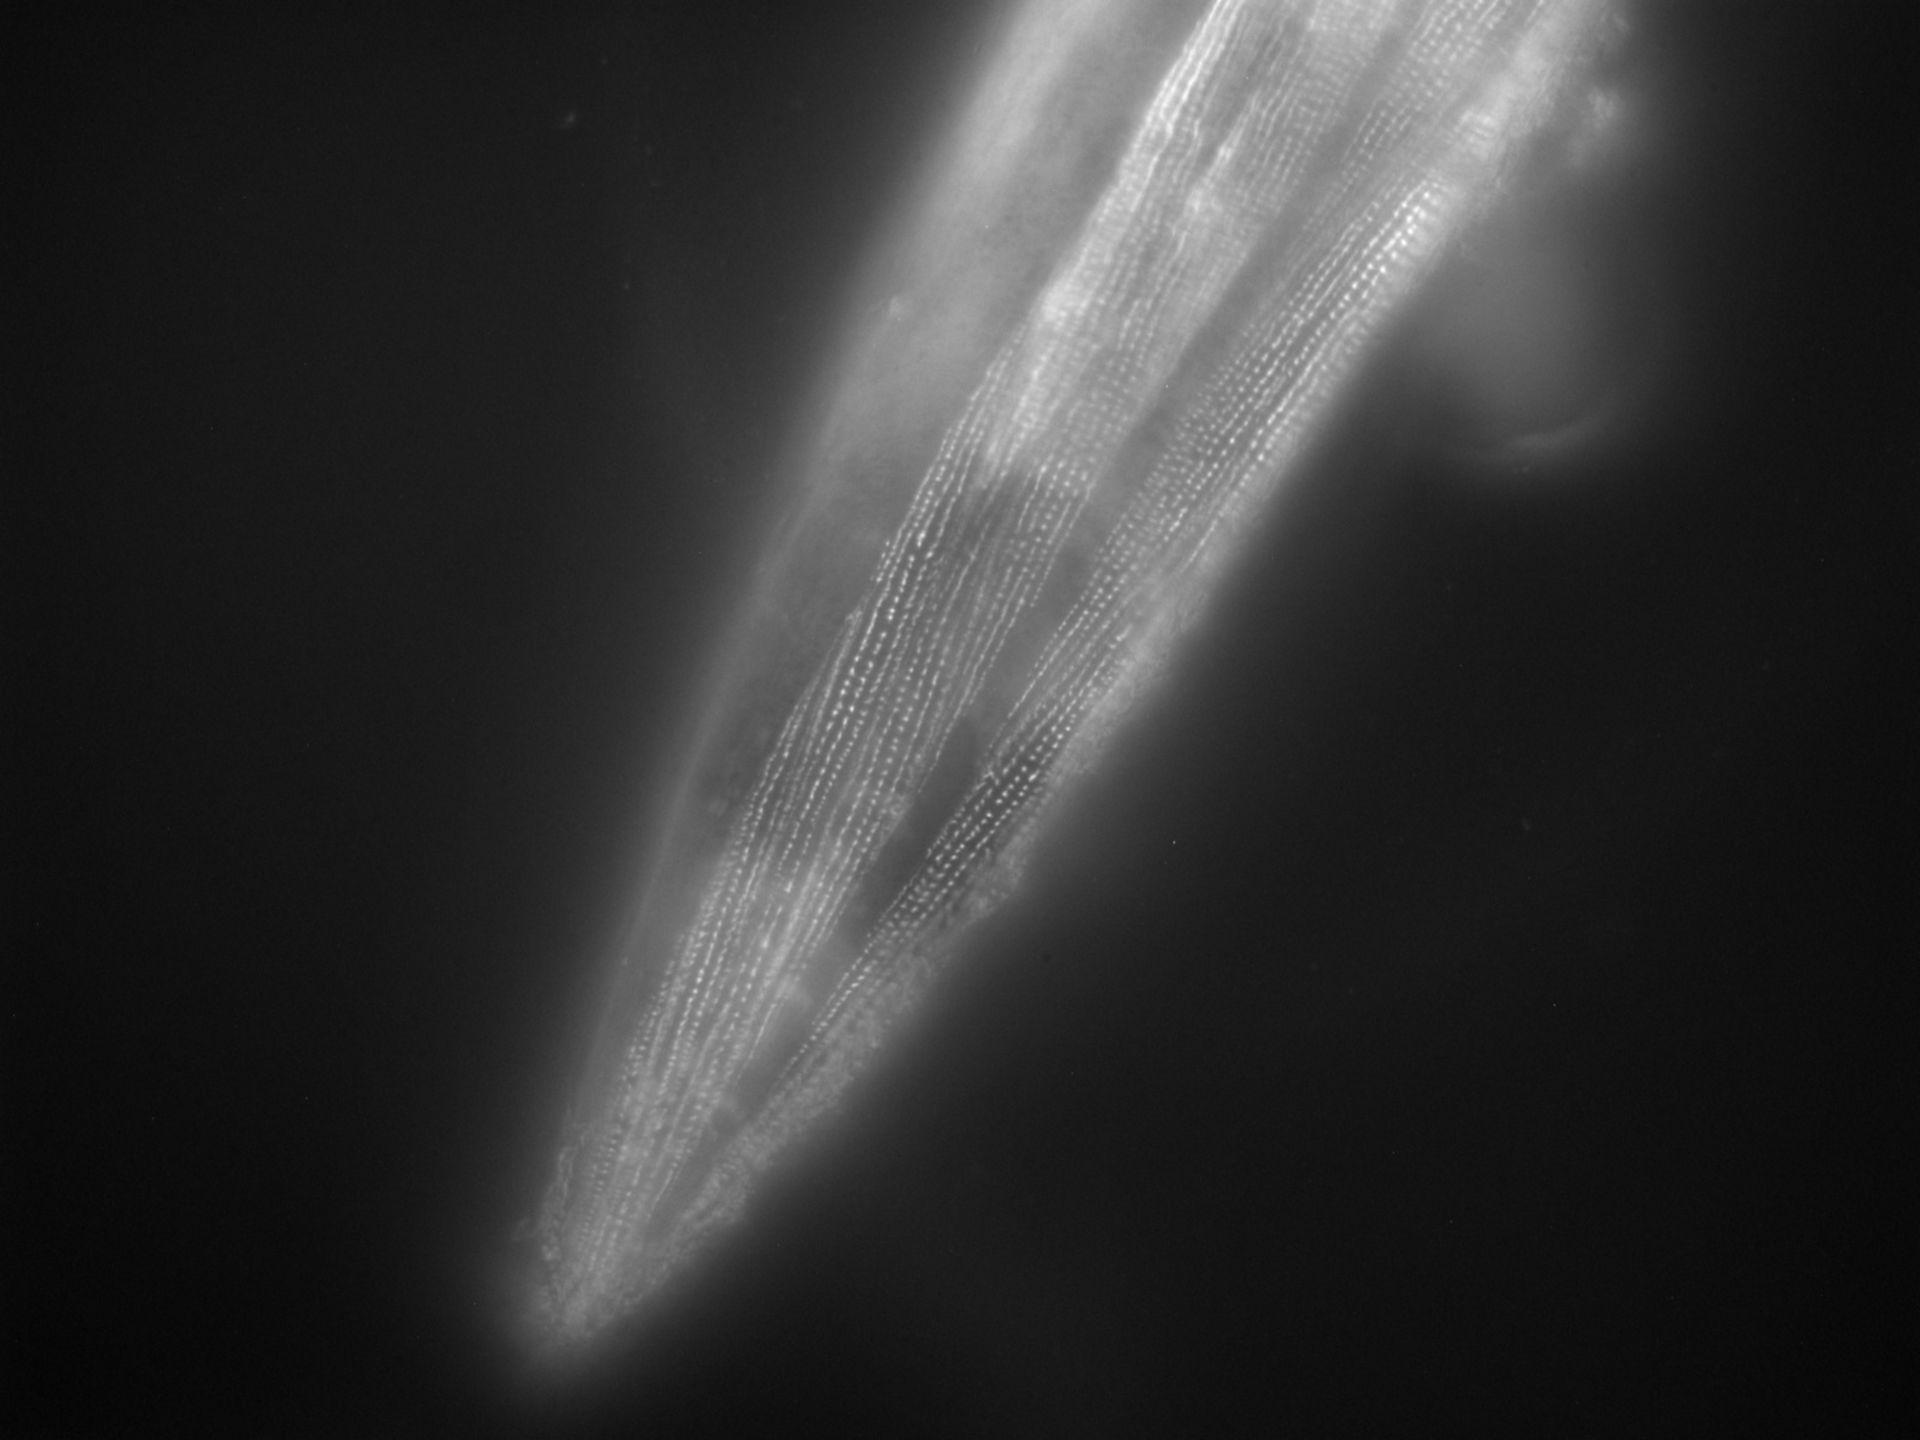 Caenorhabditis elegans (Actin filament) - CIL:1106